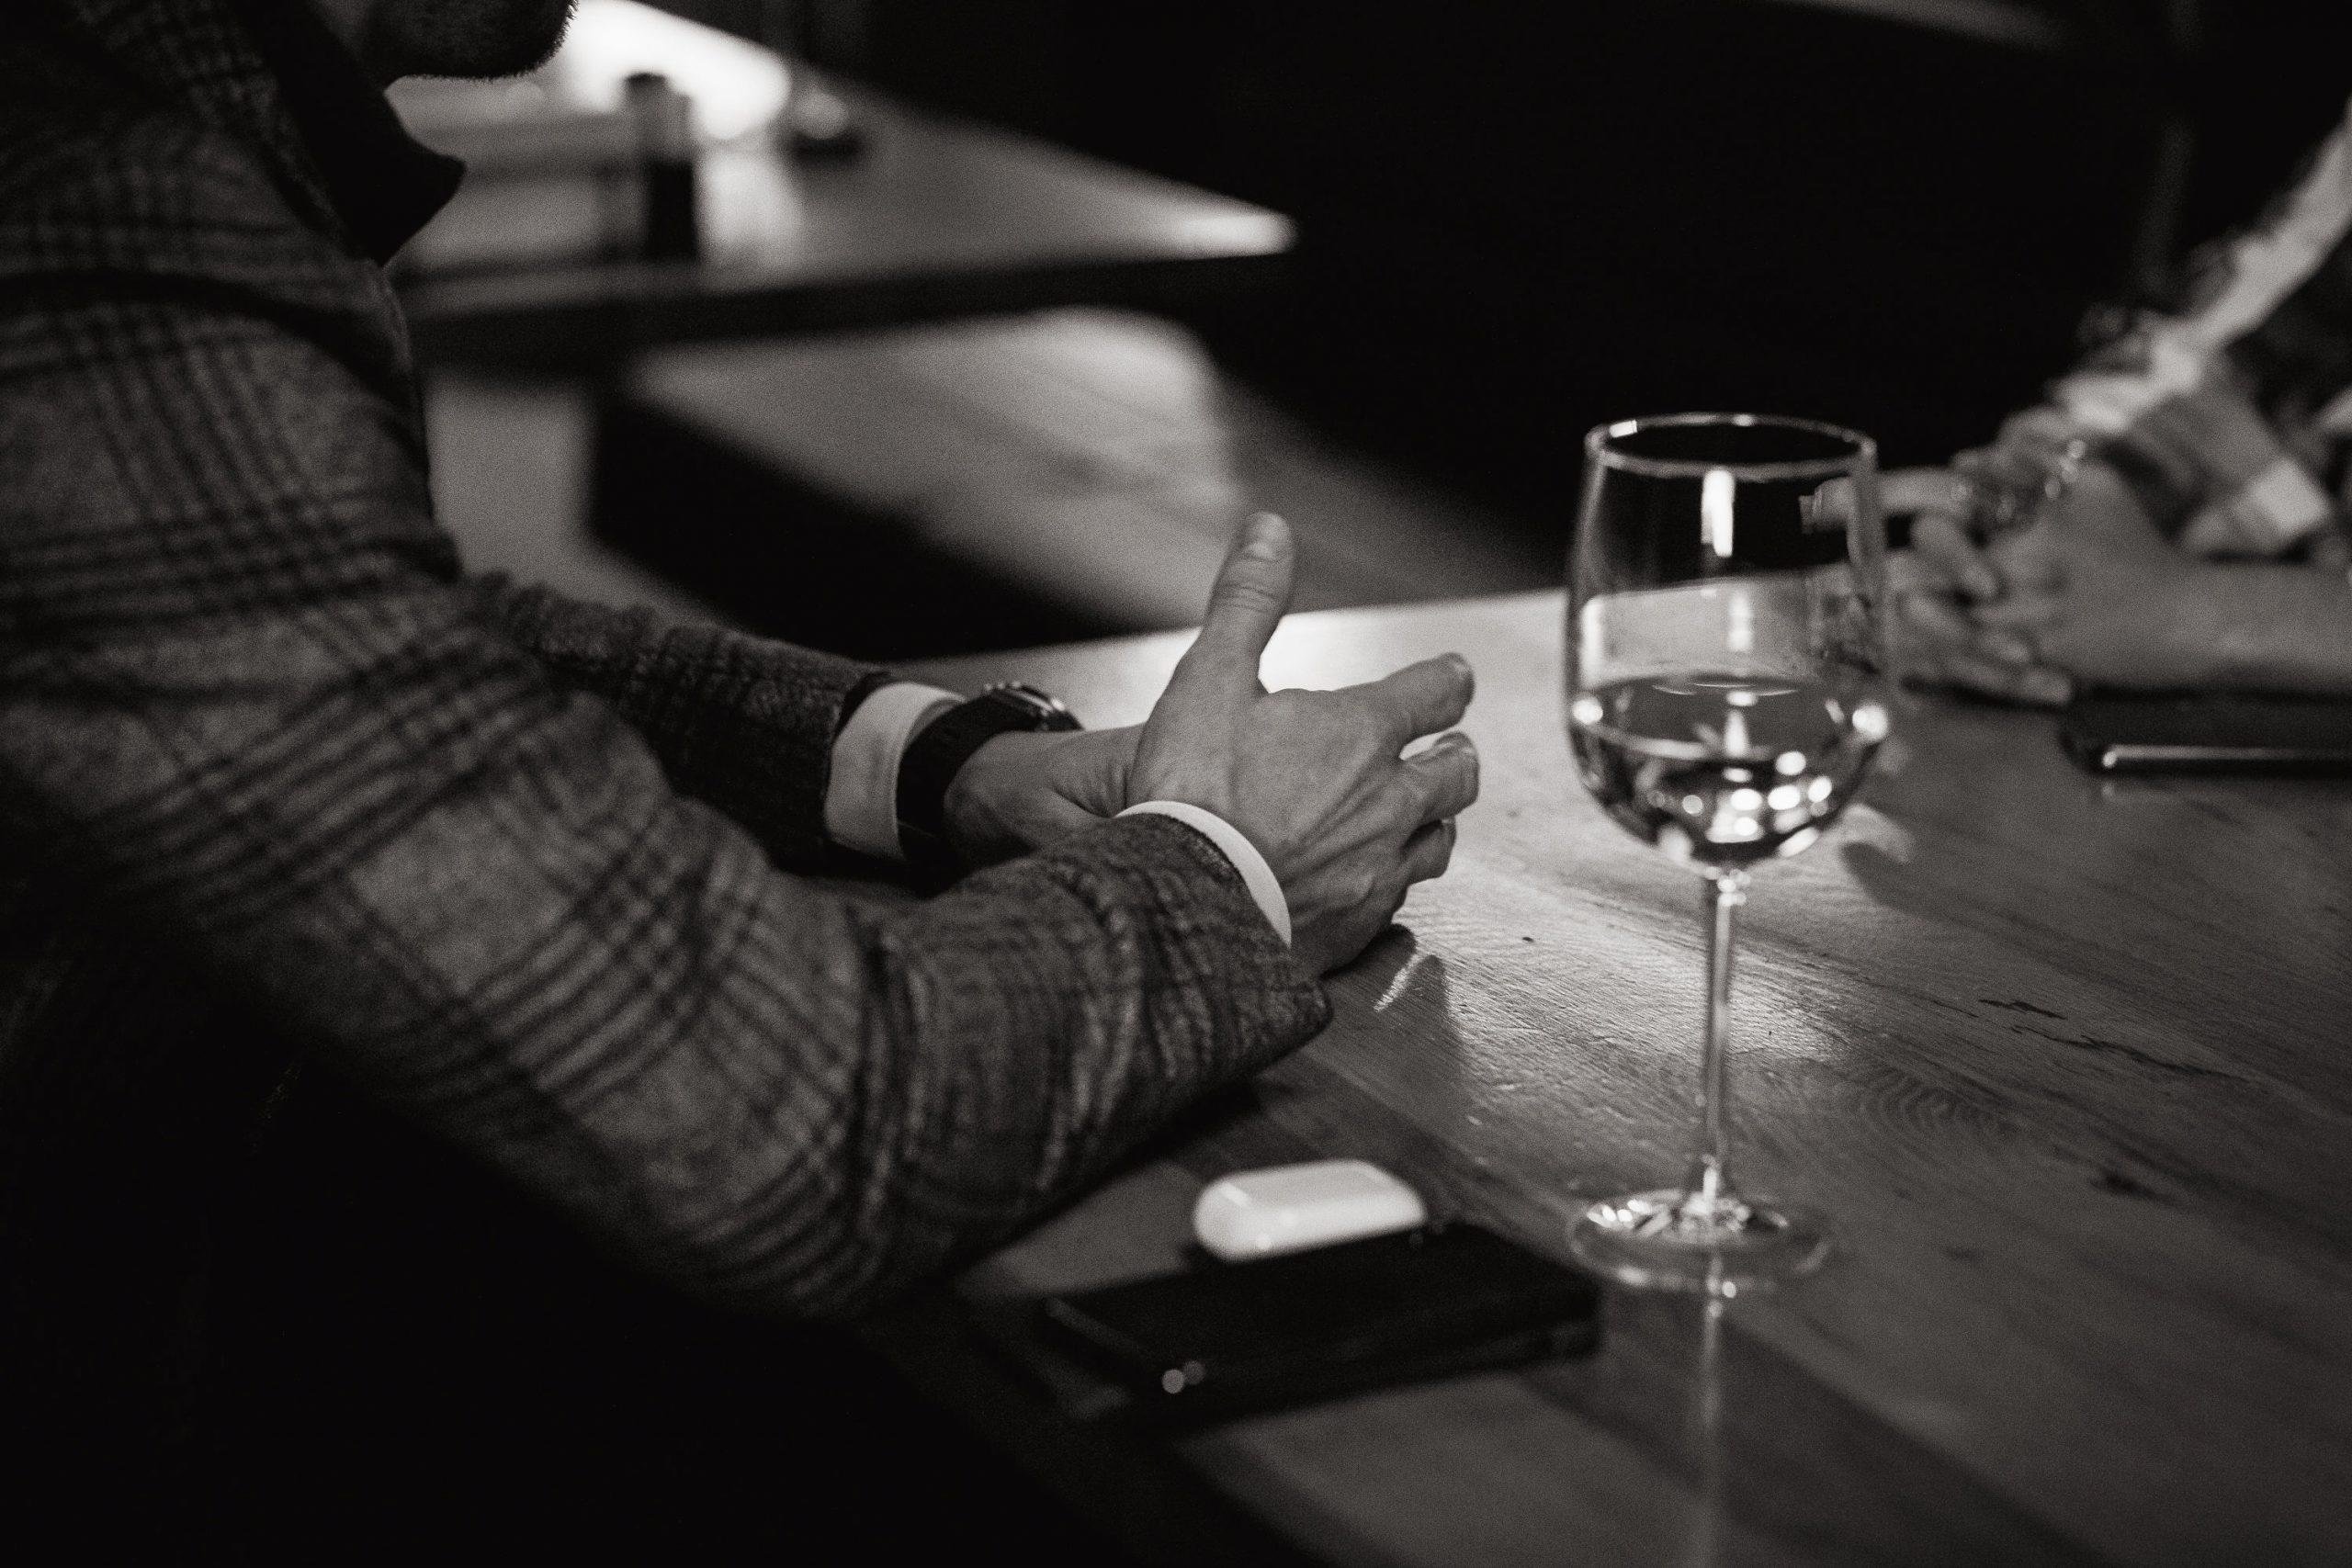 «Положительное мышление — это навык, и он формирует реальность, в которой мы живем», — Игорь Завиновский, СЕО «Кривой Рог Цемент»